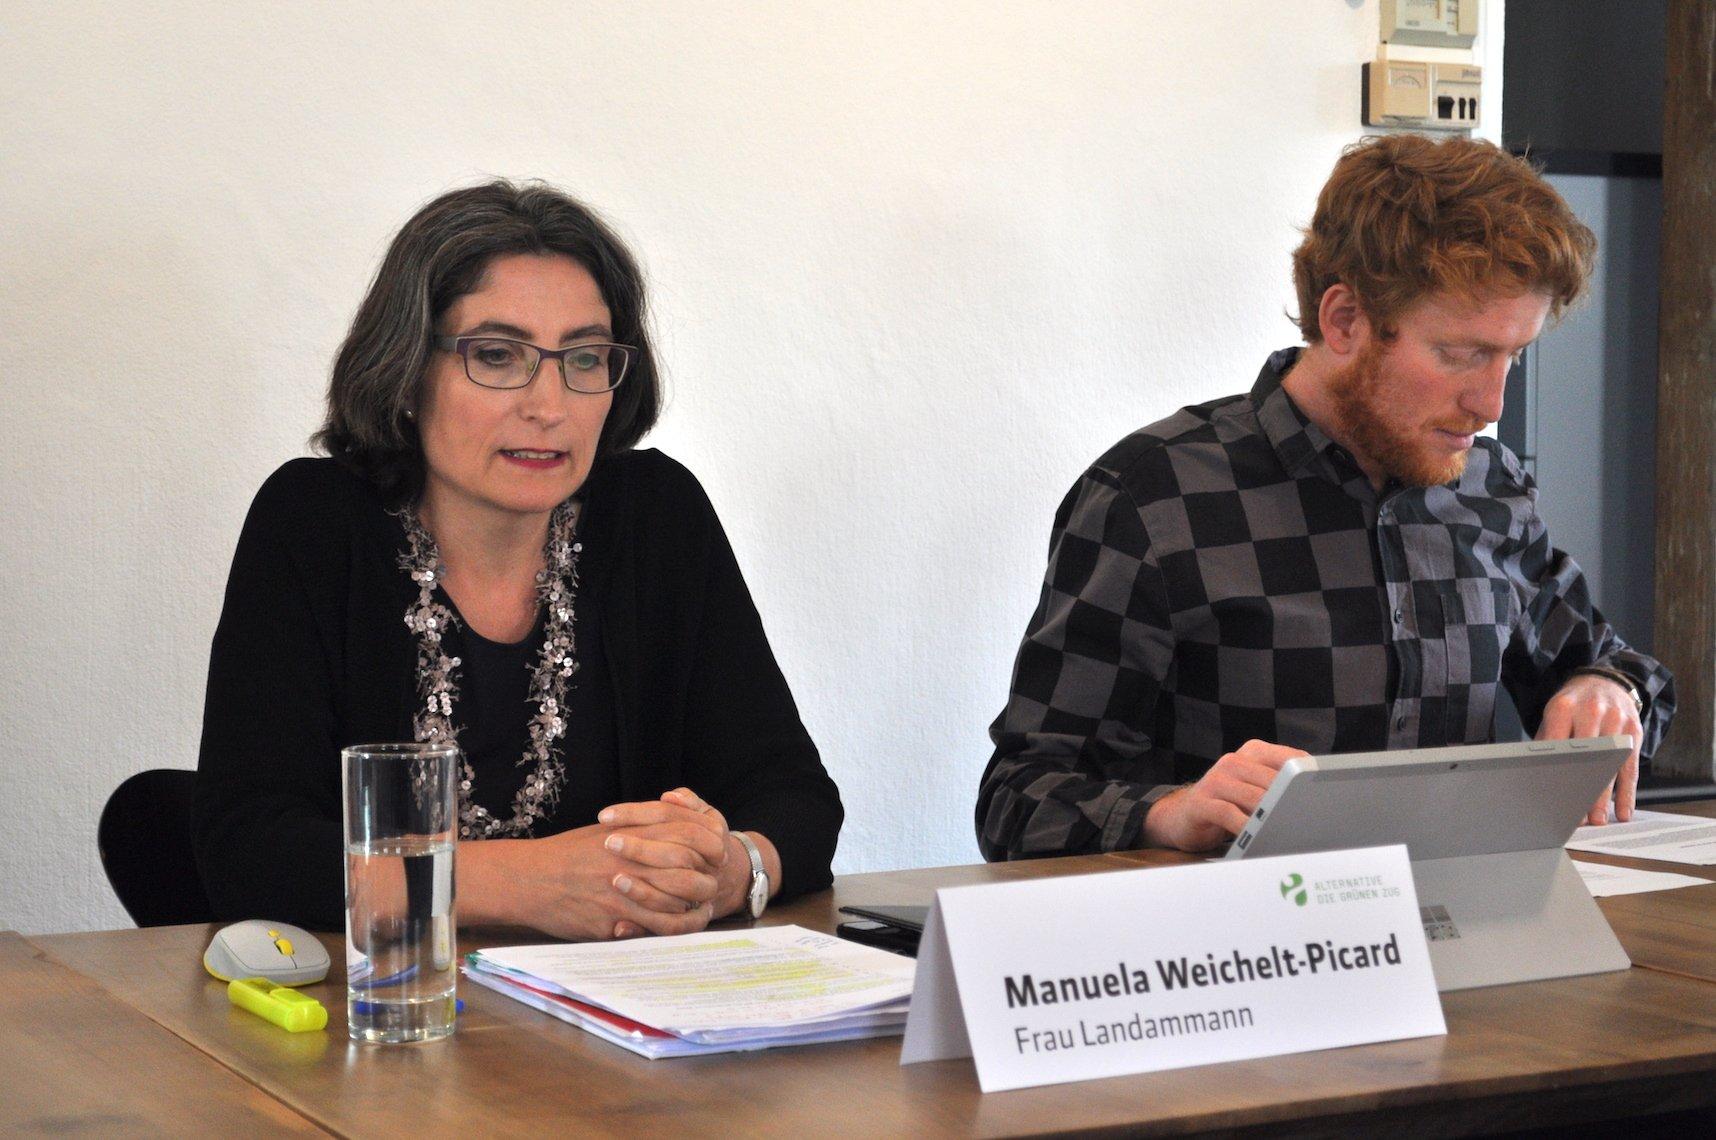 Manuela Weichelt-Picard gibt bekannt, dass sie im Herbst nicht mehr zur Wahl in den Zuger Regierrungsrat antritt. Rechts Andreas Lustenberger, Präsident der Zuger Alternative – die Grünen.